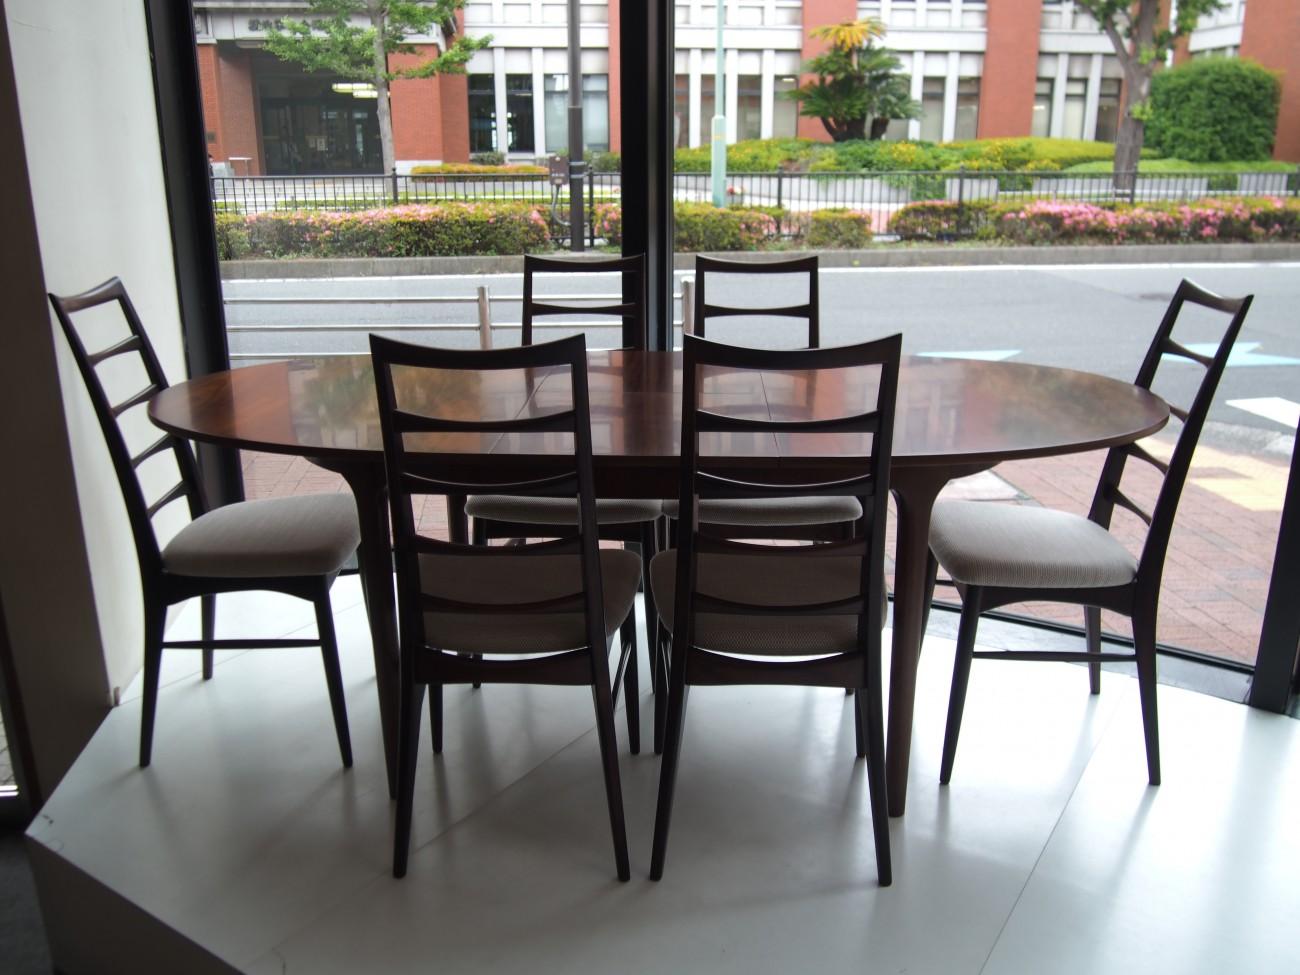 ニールス・コフォード Liz ローズウッドチェアとエクステンションダイニングテーブル A.H.McINTOSH(マッキントッシュ) & CO LTD KIRKCALDY SCOTLAND ビンテージ北欧家具のセットの全体写真